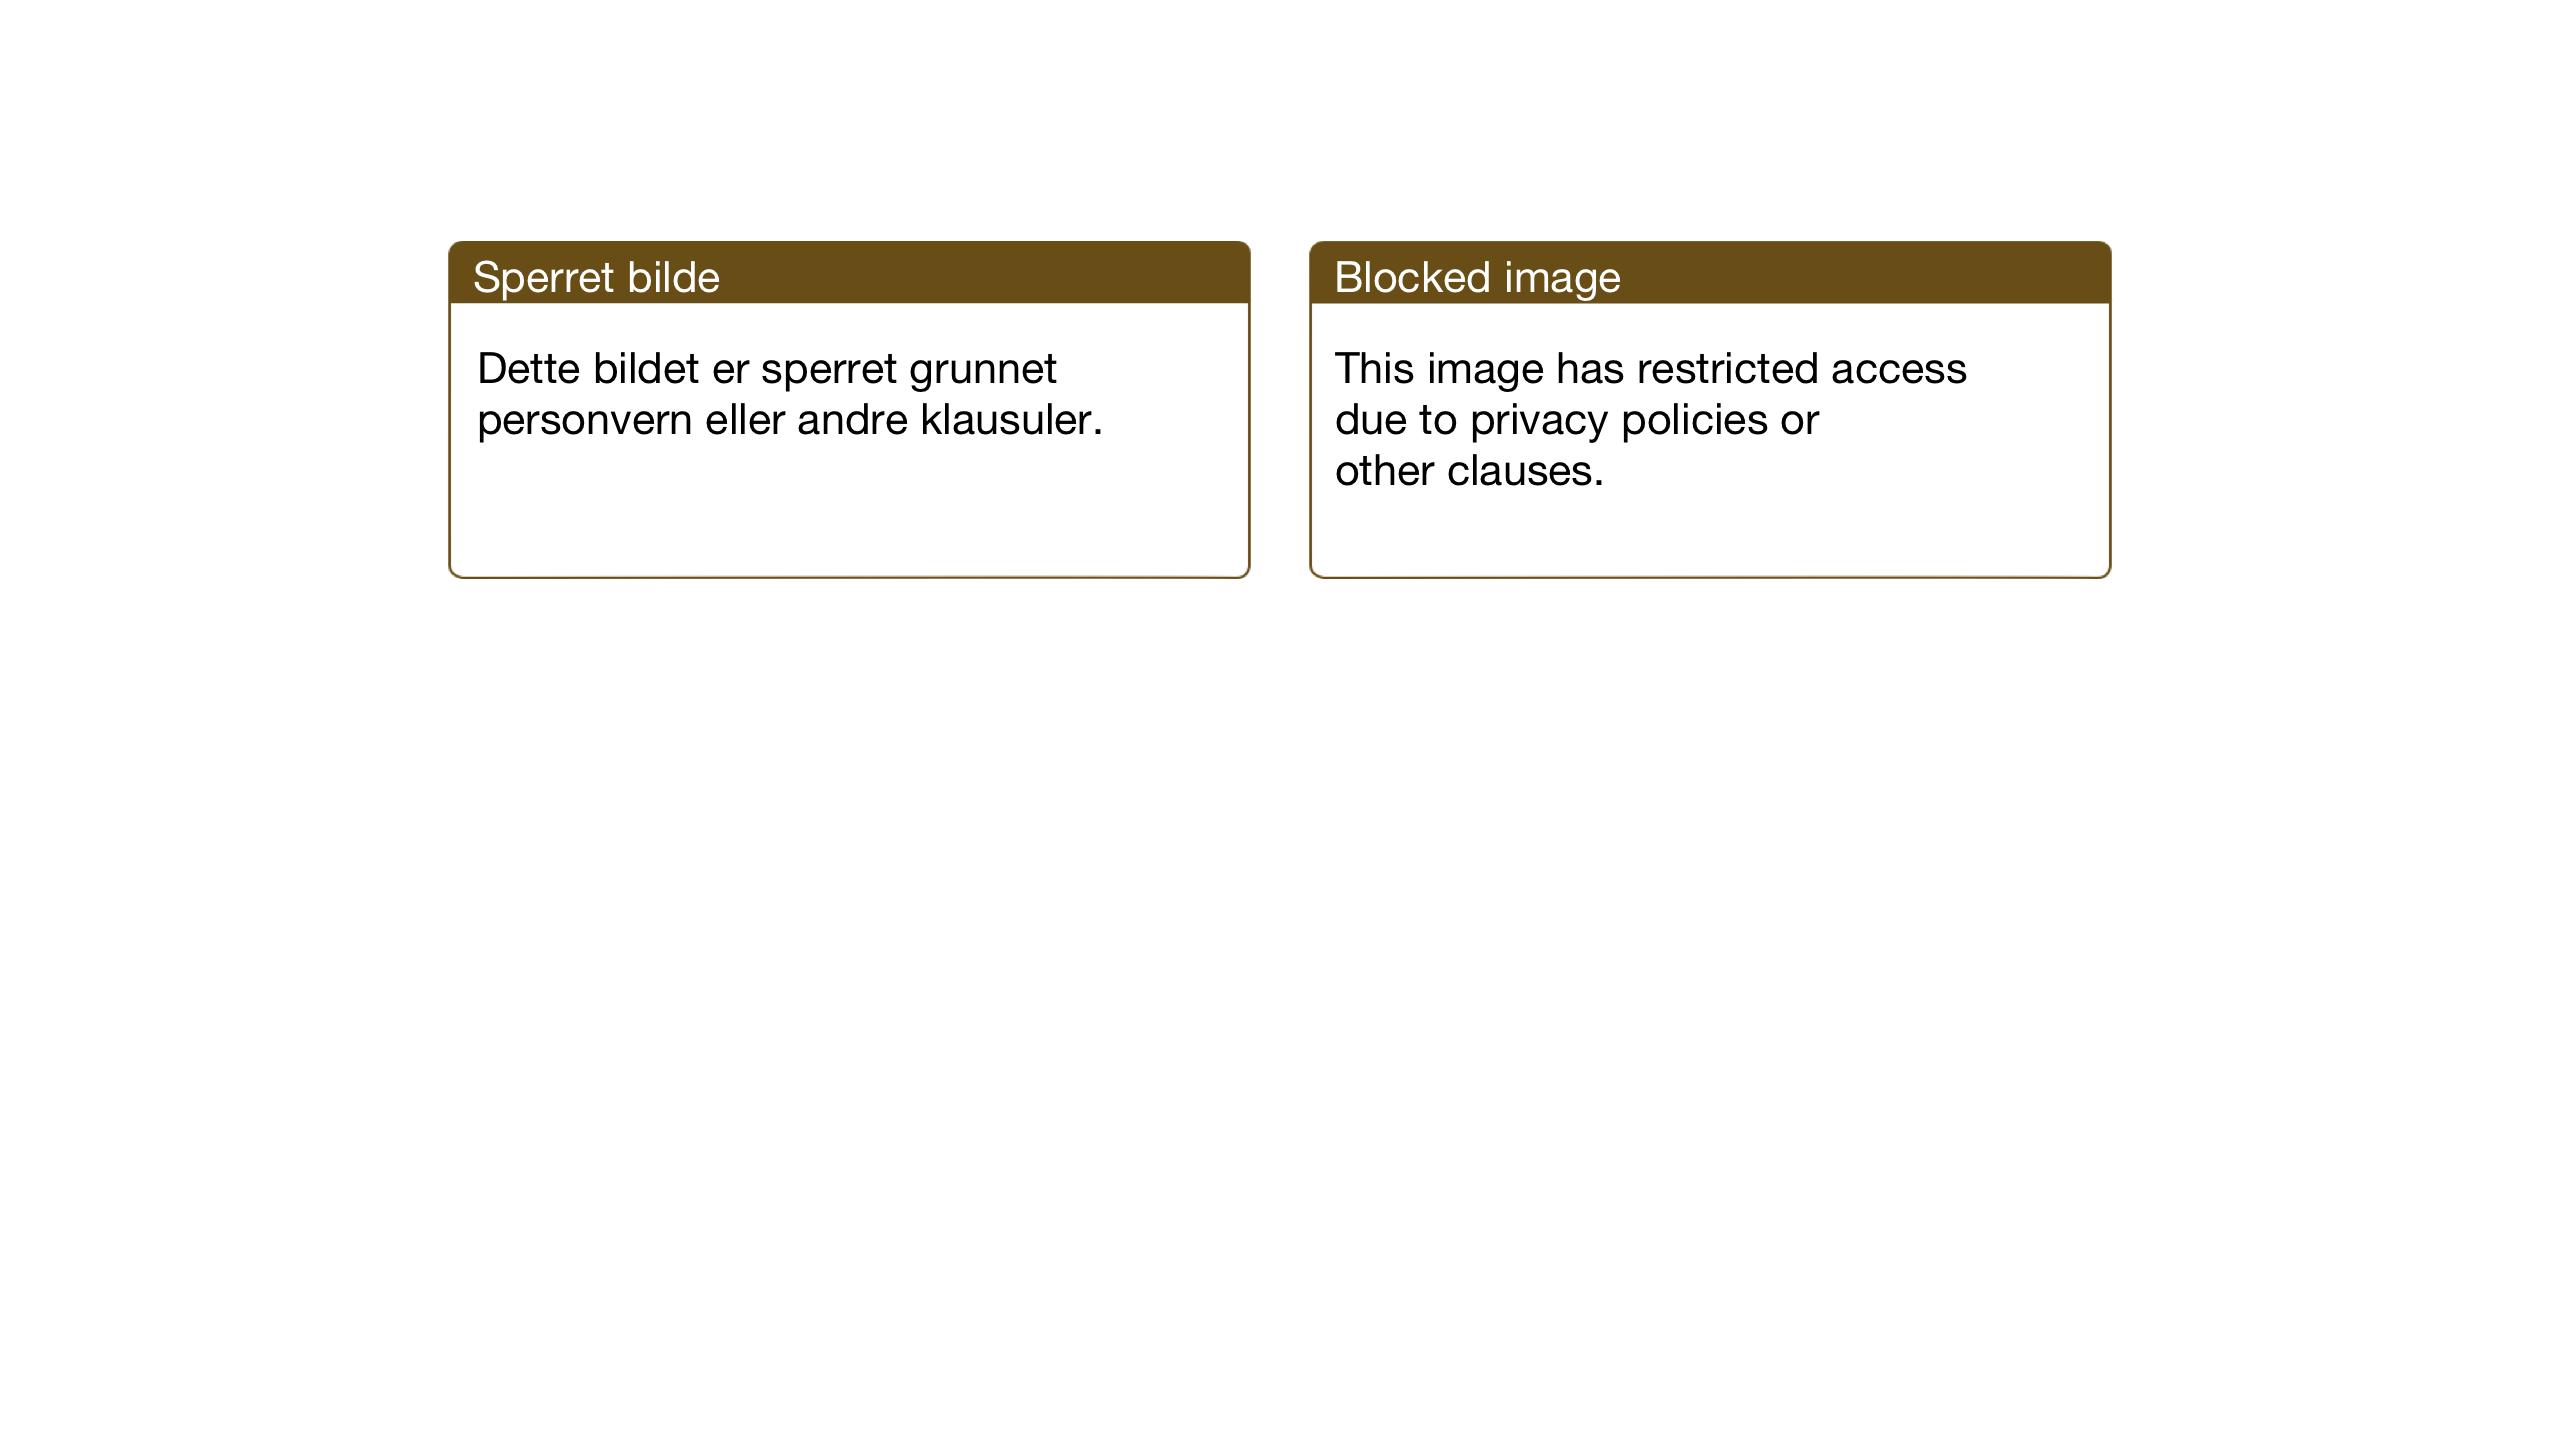 SAT, Ministerialprotokoller, klokkerbøker og fødselsregistre - Nord-Trøndelag, 740/L0383: Klokkerbok nr. 740C04, 1927-1939, s. 35